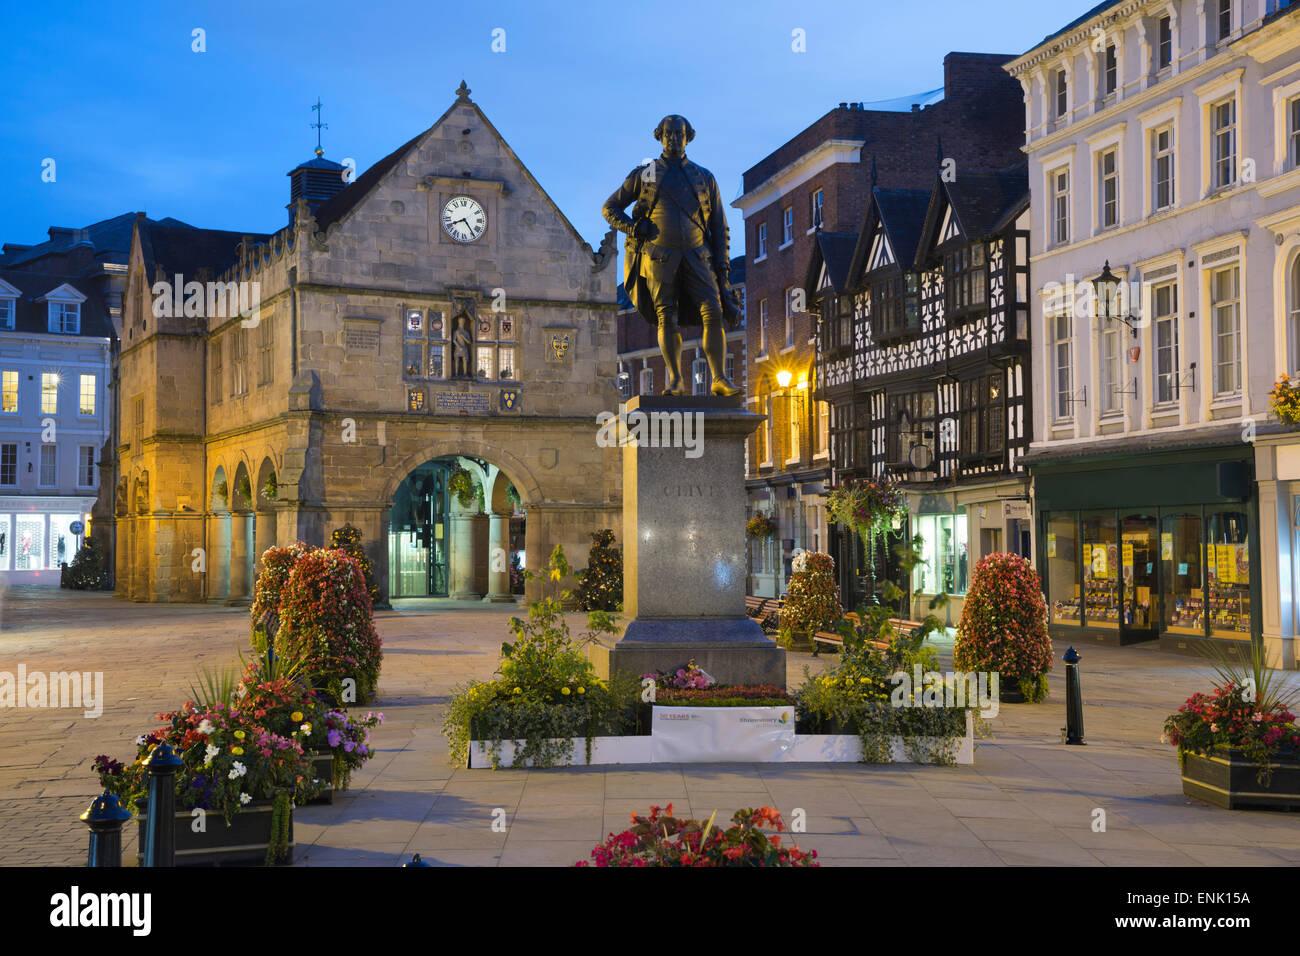 Die alte Markthalle und Robert Clive Statue, The Square, Shrewsbury, Shropshire, England, Vereinigtes Königreich, Stockbild